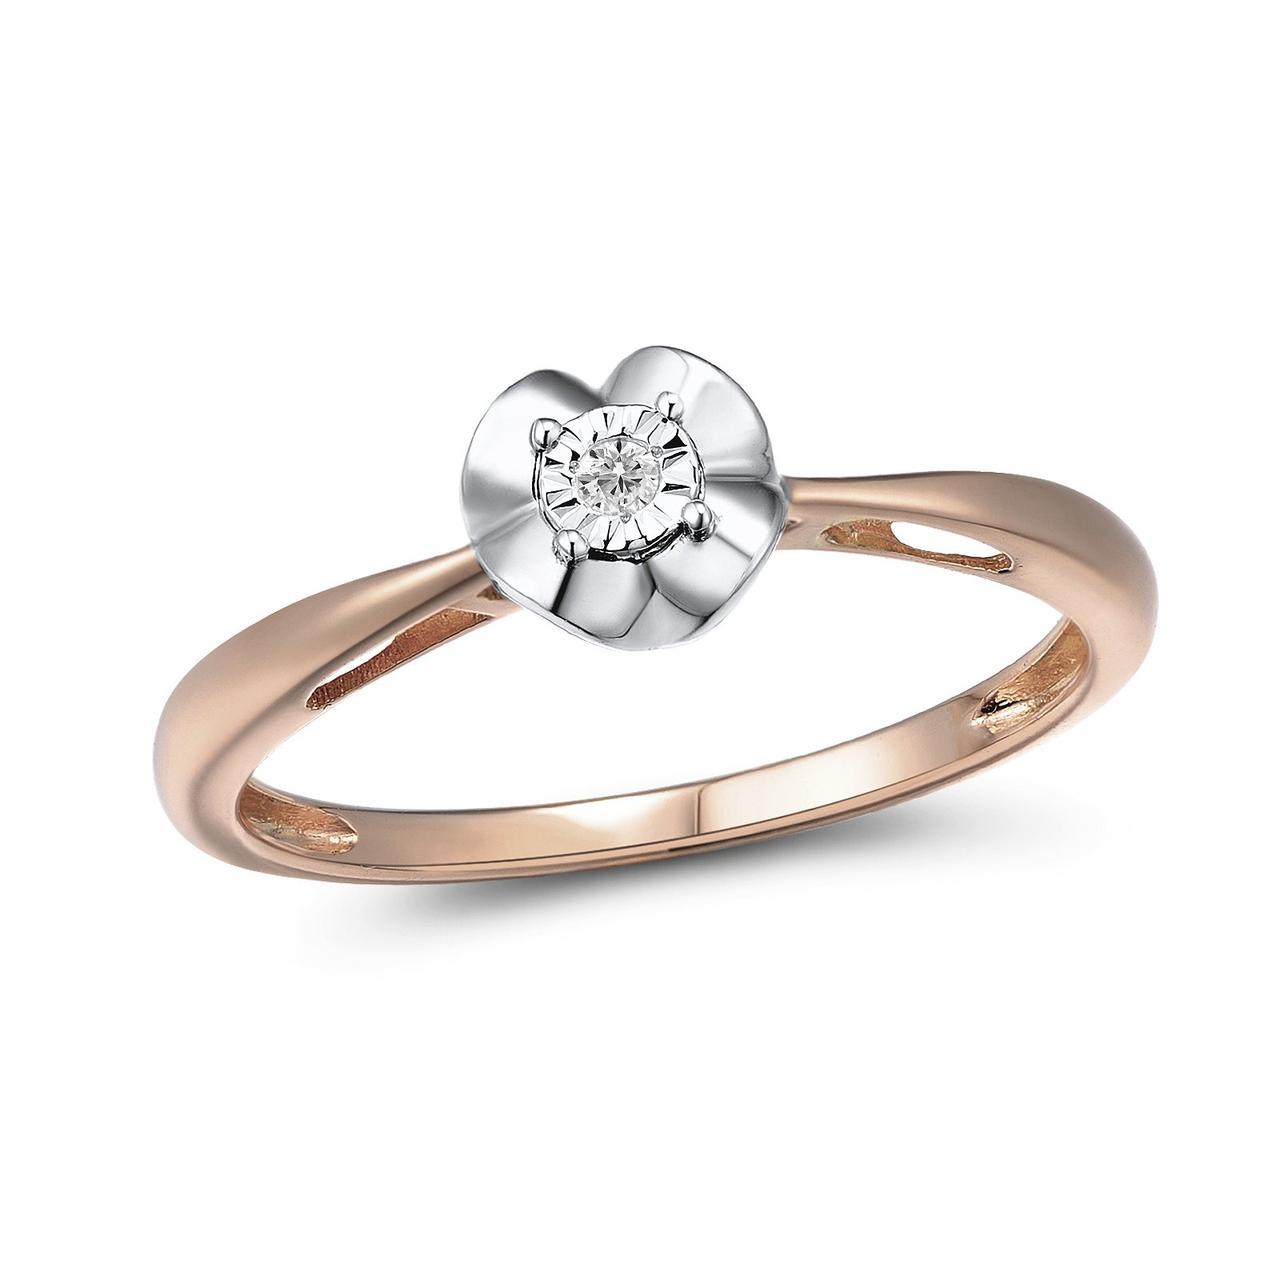 Золотое кольцо с бриллиантом, размер 17.5 (1549463)